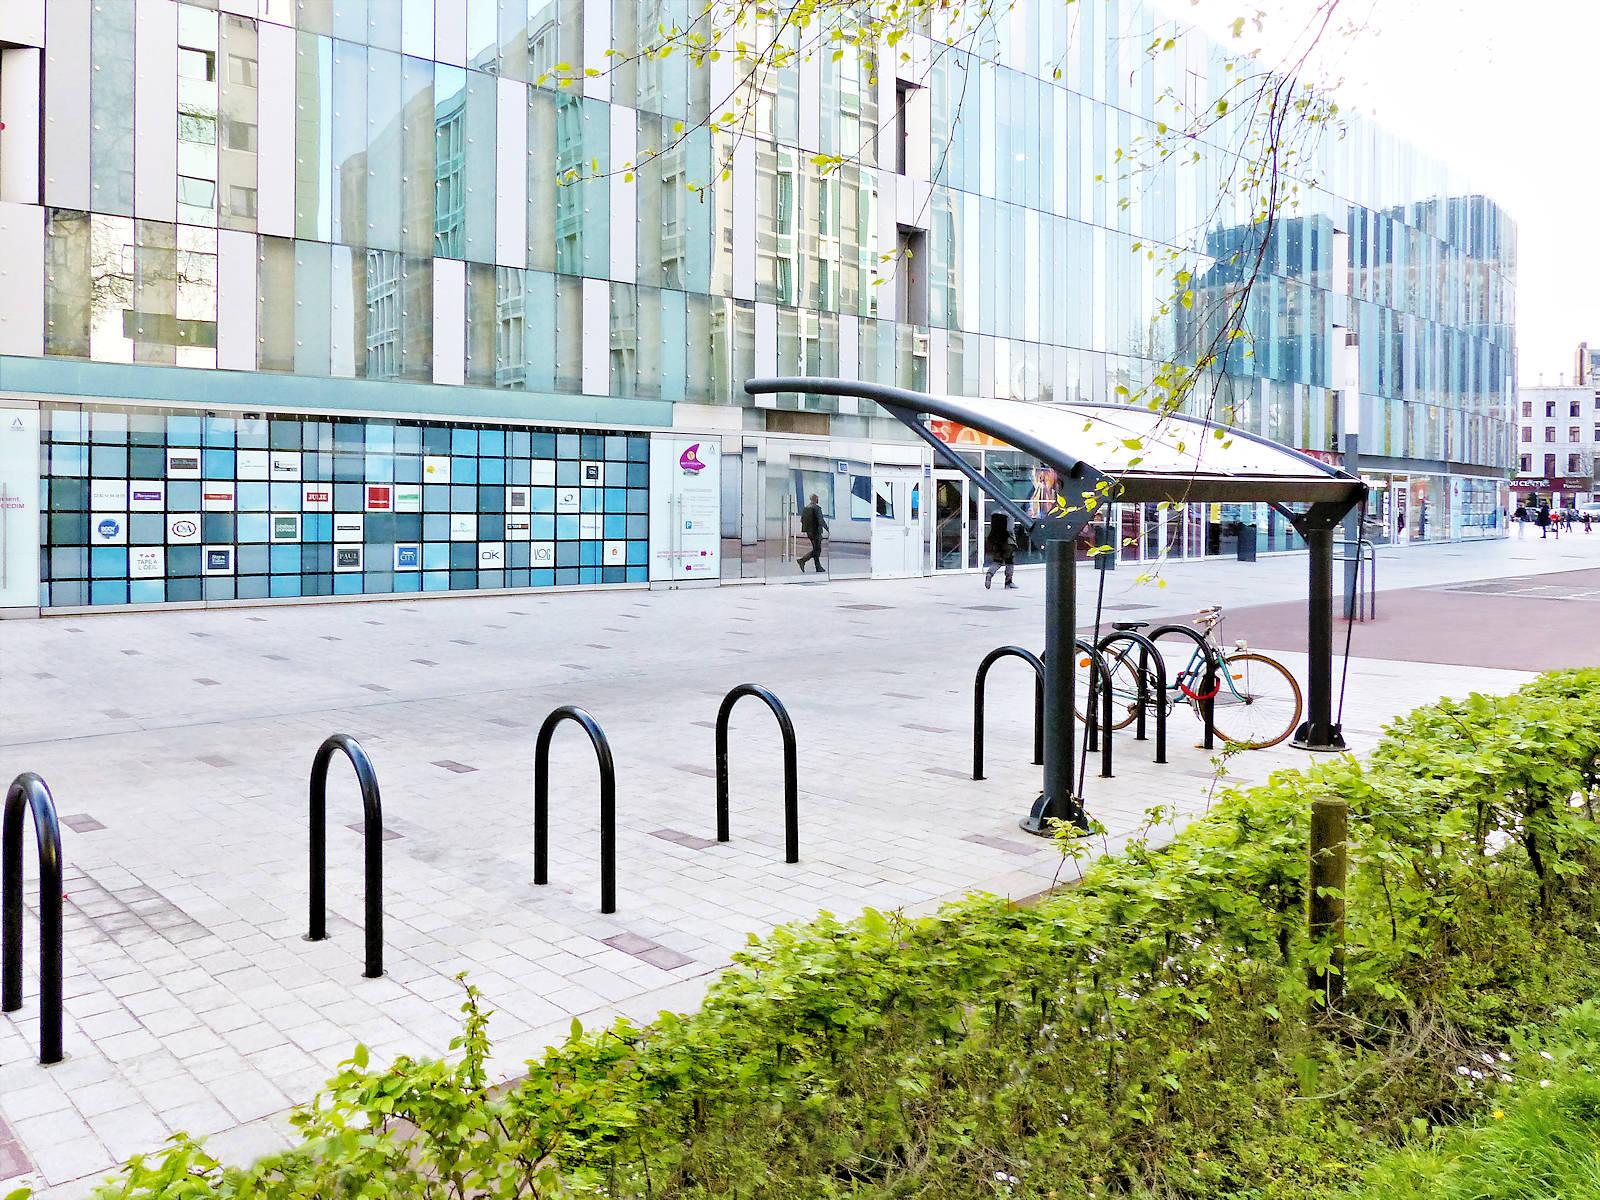 Stationnement 2 roues - Promenade de la Fraternité, Tourcoing